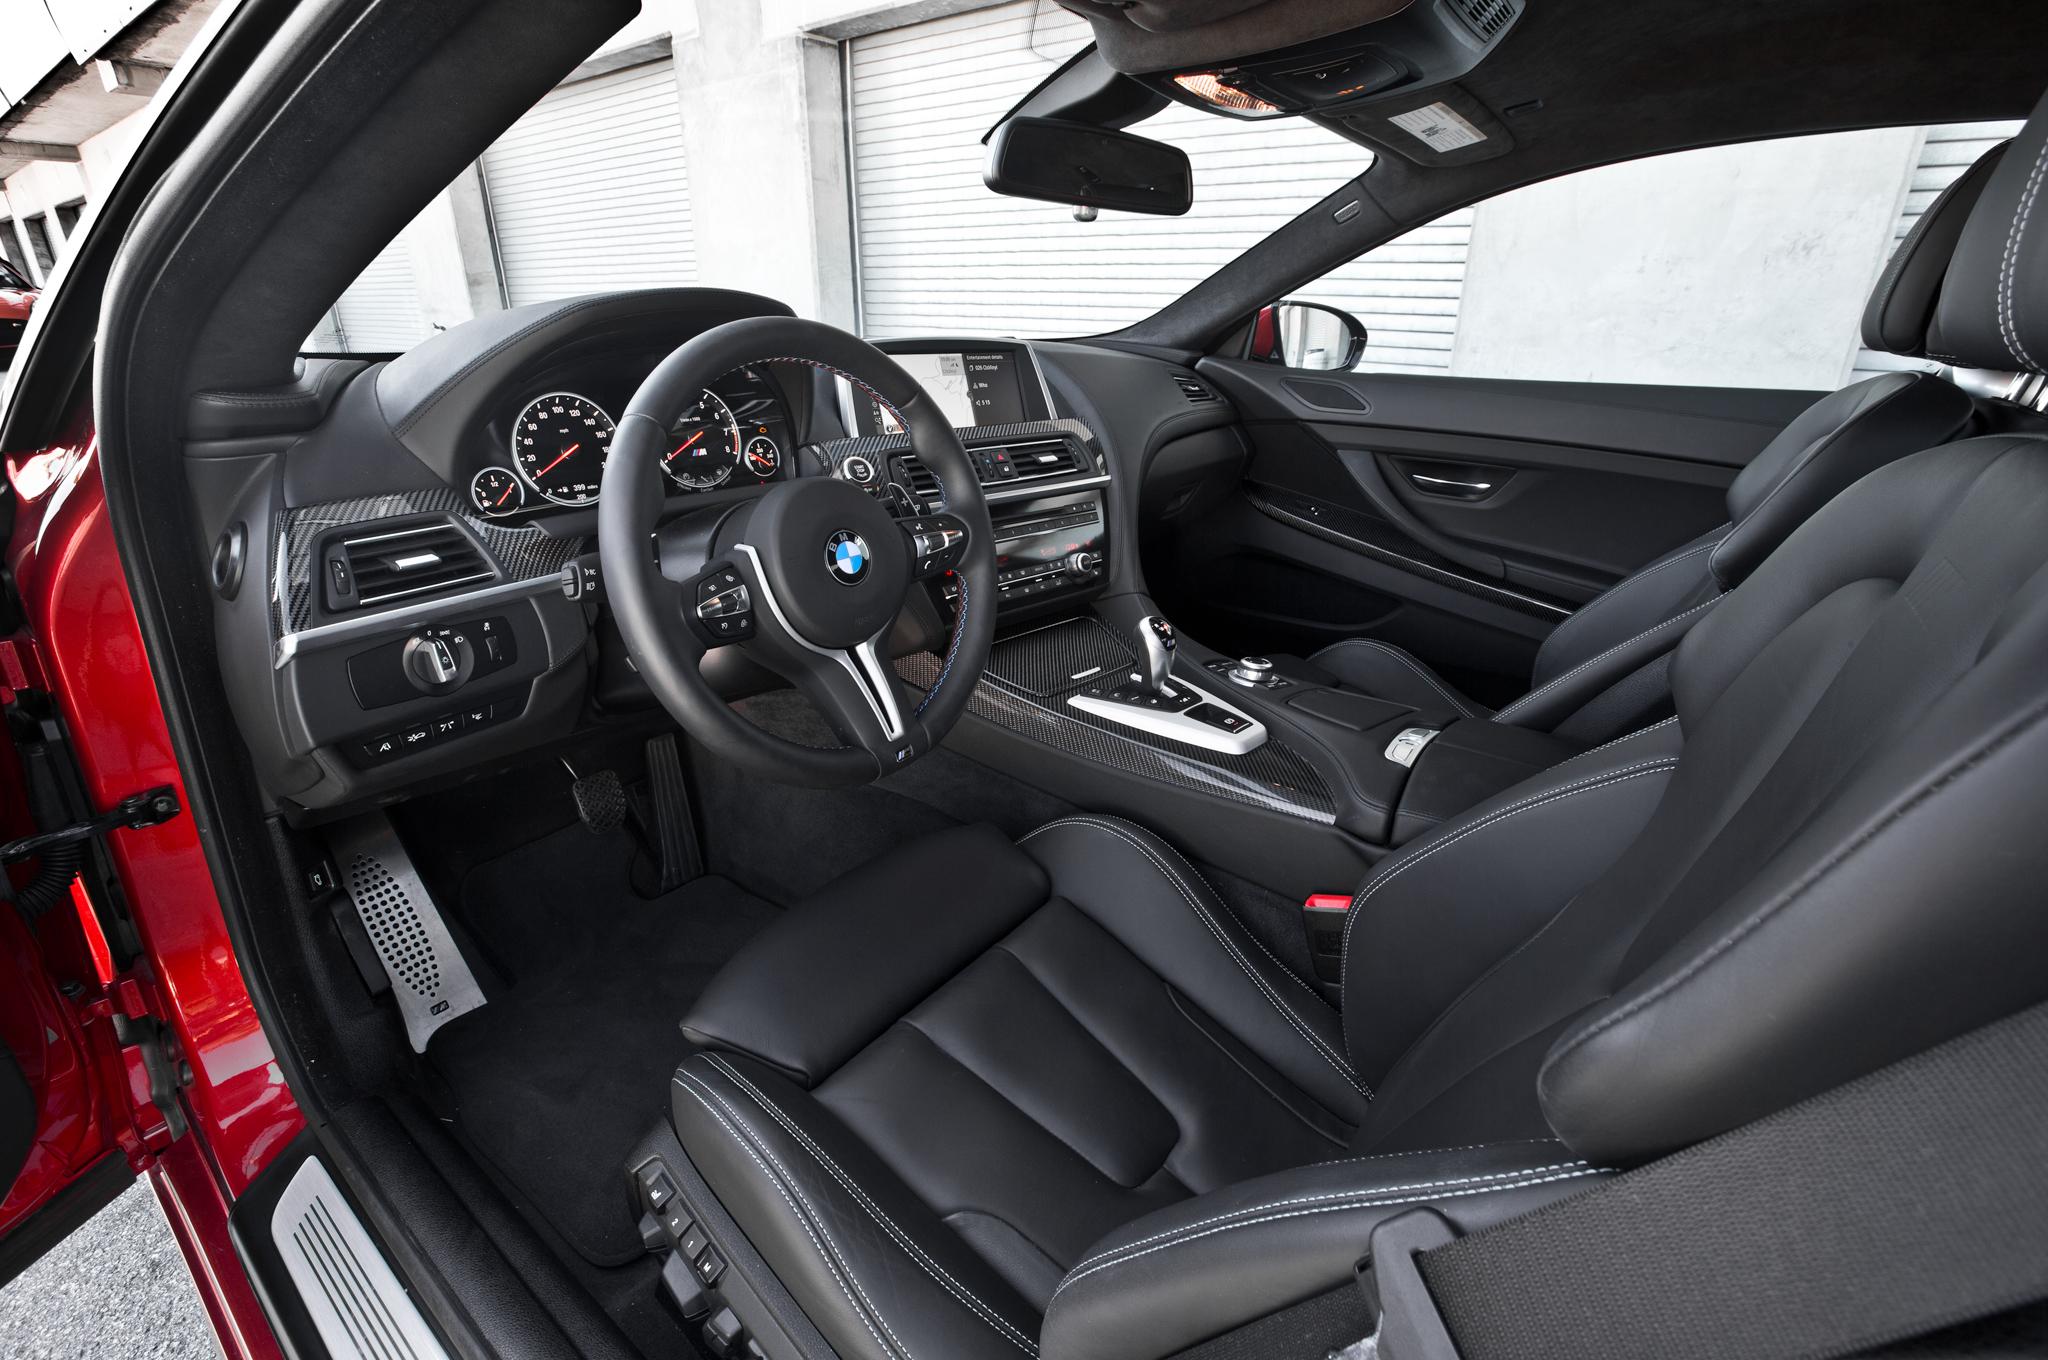 Bmw F13 Interior Bmw F13 m6 Test Drive Photo